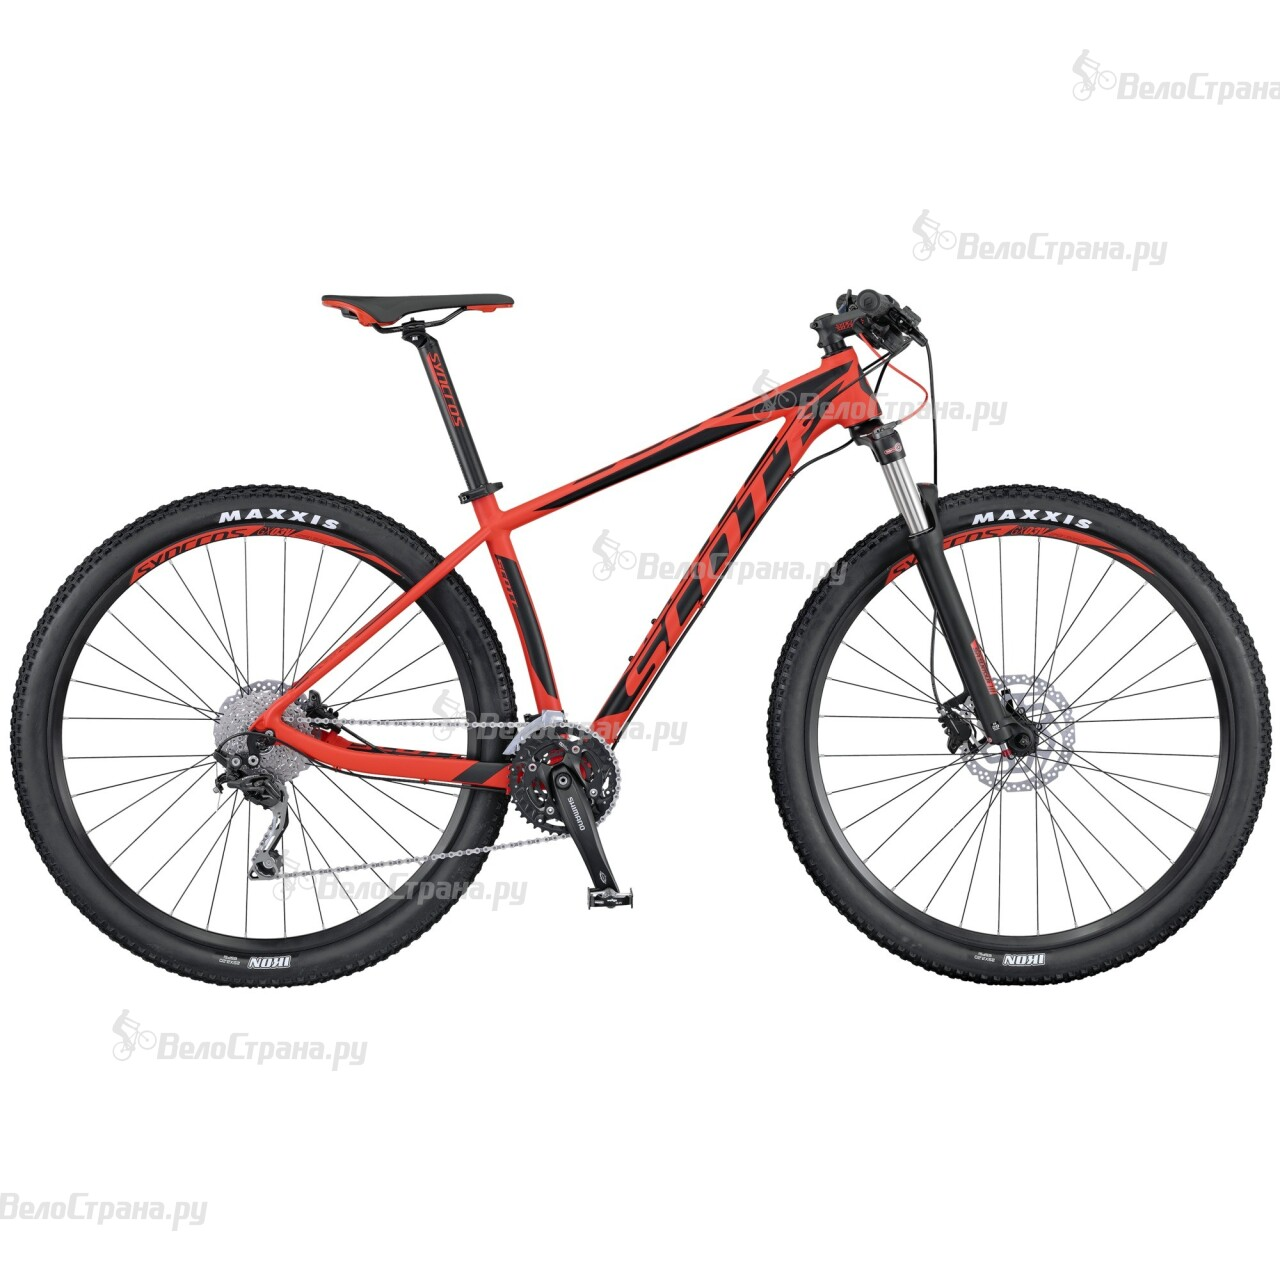 Велосипед Scott Scale 970 (2016) велосипед scott scale junior 26 2016